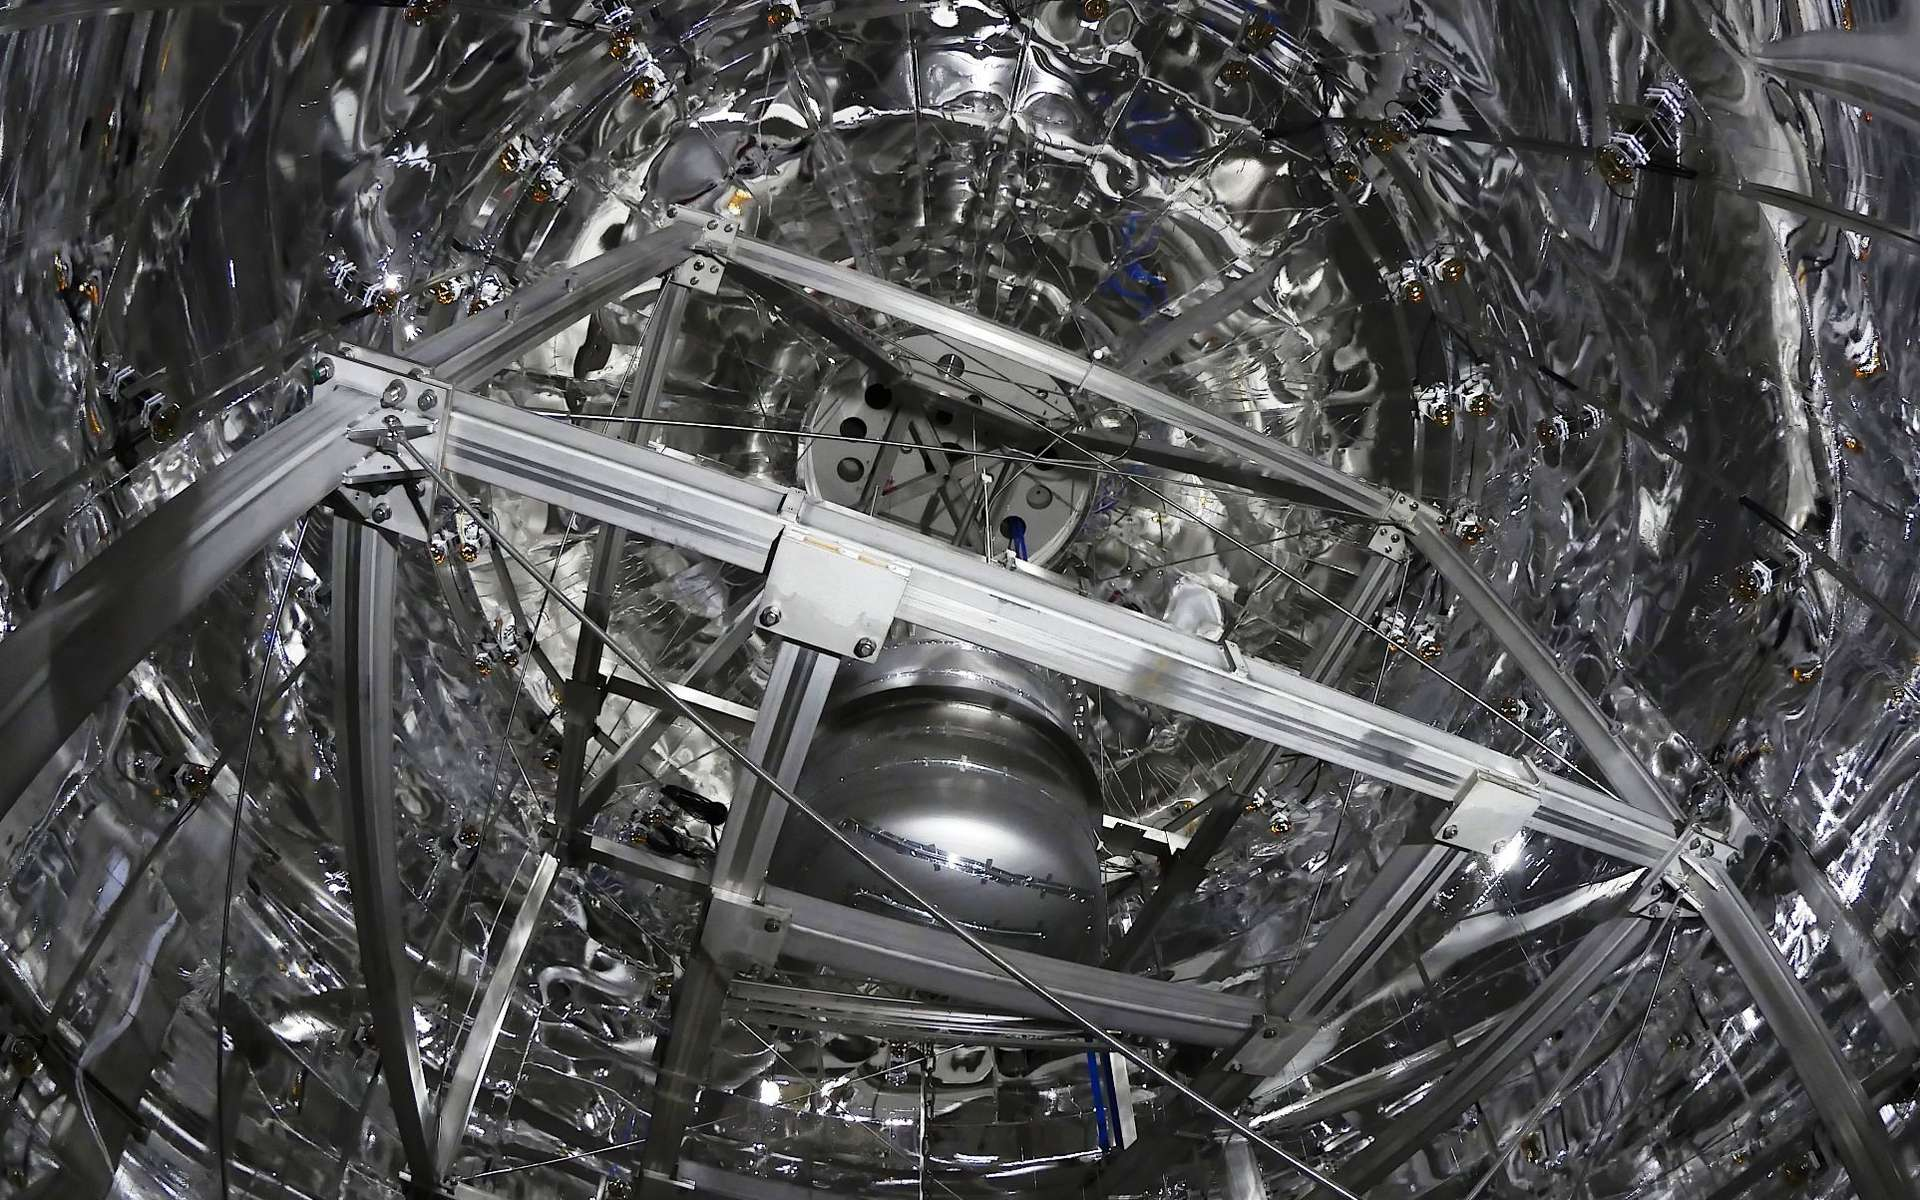 L'expérience Xenon 1T a-t-elle découvert la matière noire ? Elle se trouve sous le Gran Sasso, en Italie, dans une caverne qui mesure 100 m de long, 20 m de large et 18 m de haut. Le nouvel instrument y est installé à l'intérieur d'un château d'eau de 10 m de diamètre afin de le protéger de la radioactivité naturelle de l'environnement. © Xenon Collaboration